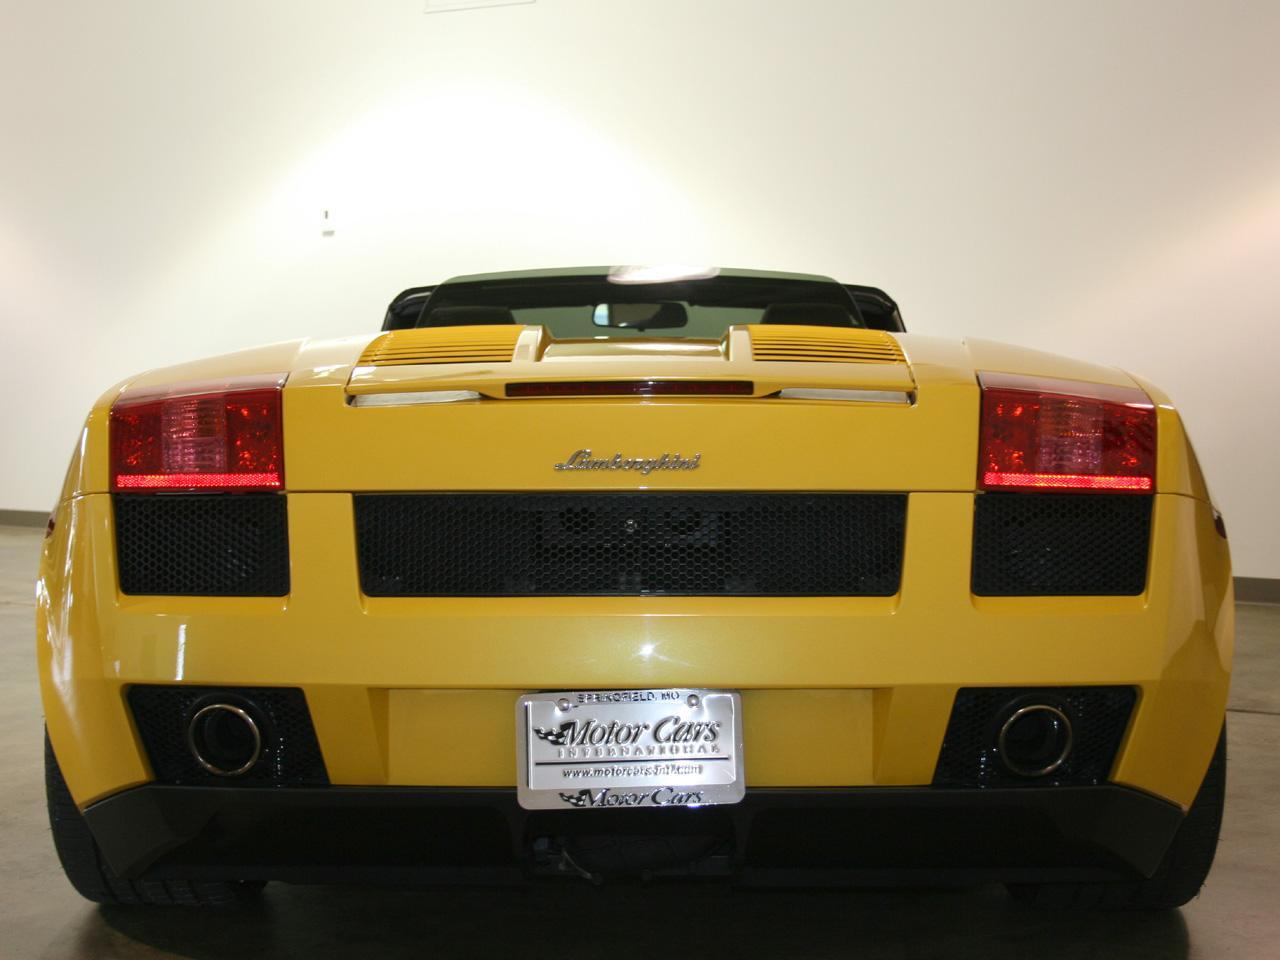 2006 Lamborghini Gallardo Spyder E-Gear on lamborghini police car, lamborghini diablo, lamborghini reventon, lamborghini murcielago, lamborghini aventador, lamborghini jalpa, lamborghini on fire, lamborghini motorcycle, lamborghini miura, lamborghini egoista, lamborghini models, lamborghini truck, lamborghini sesto elemento, lamborghini countach, lamborghini girls, lamborghini superleggera, lamborghini huracan, lamborghini veneno, lamborghini urraco, lamborghini white,